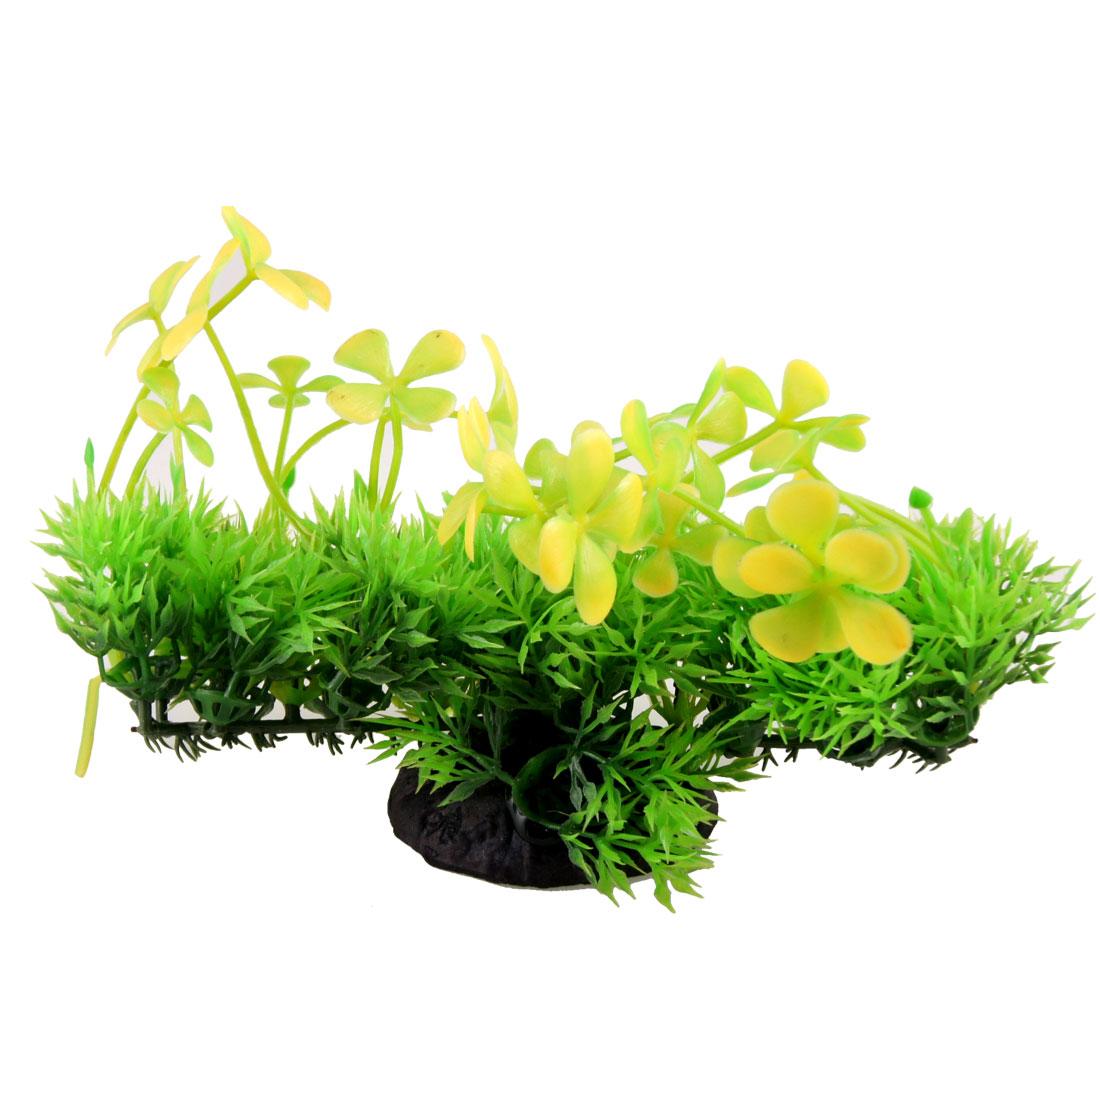 """Aquarium Plastic Yellow Green Clover Top Plant Ornament 7.7"""" Width"""